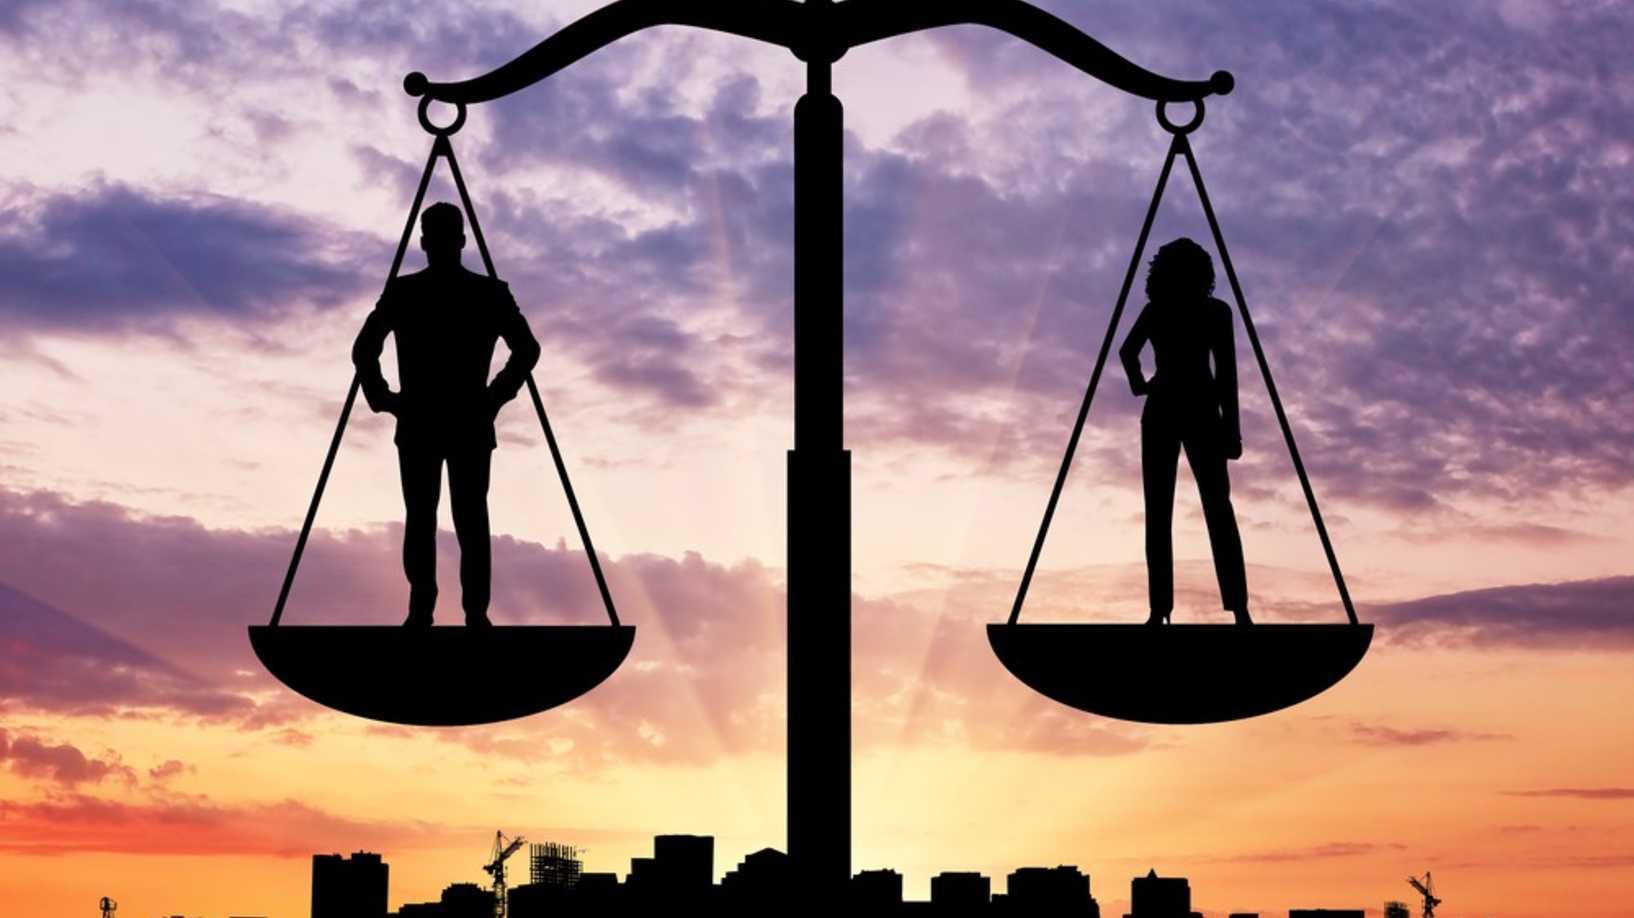 المساواة بين الجنسين